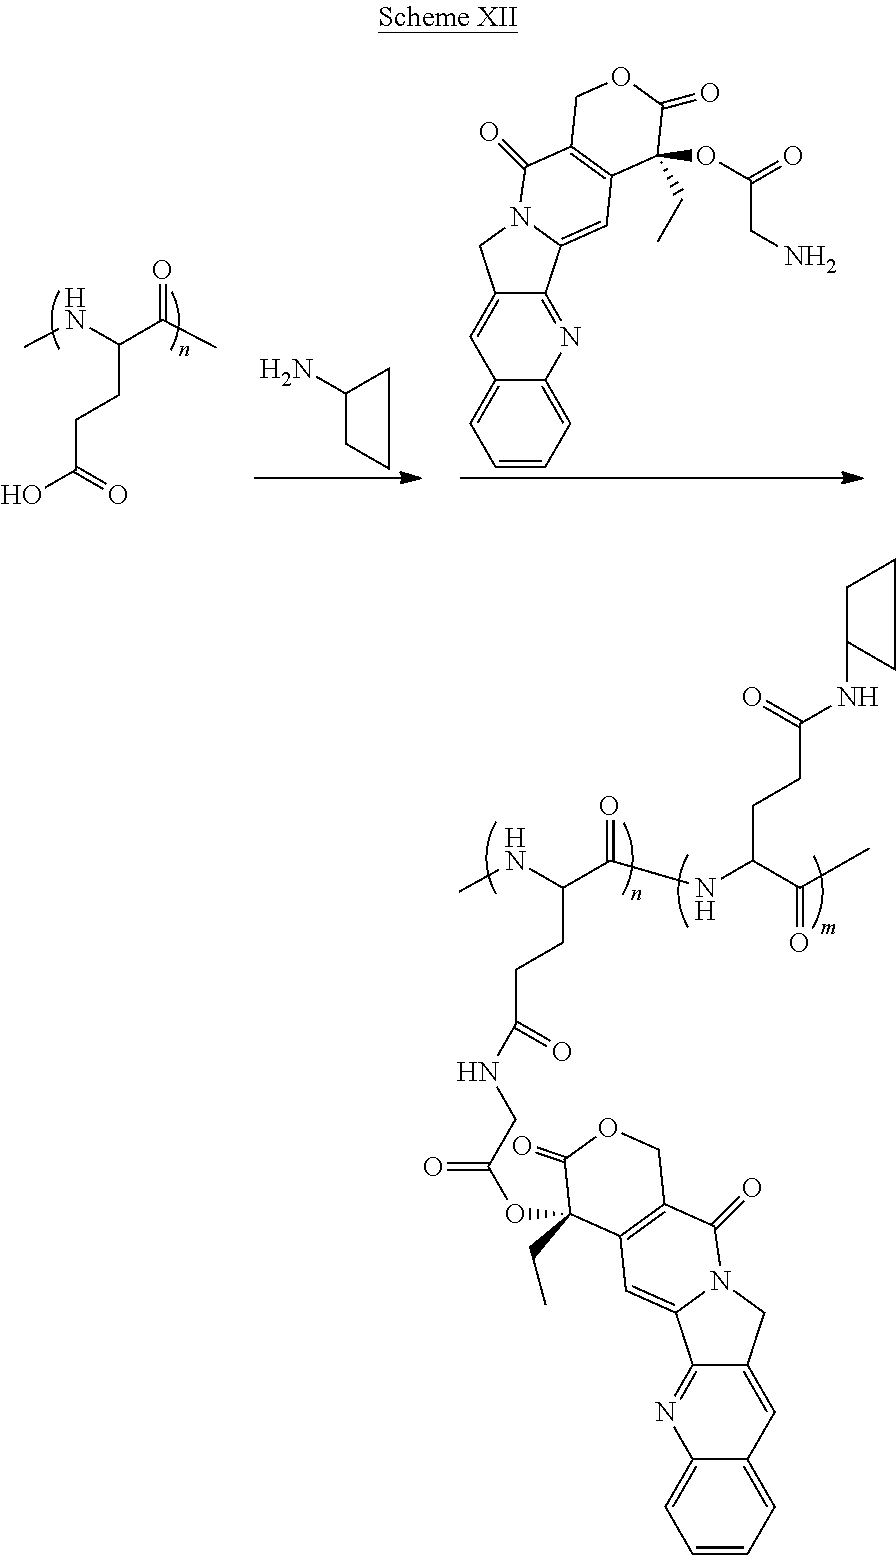 Figure US08110179-20120207-C00024